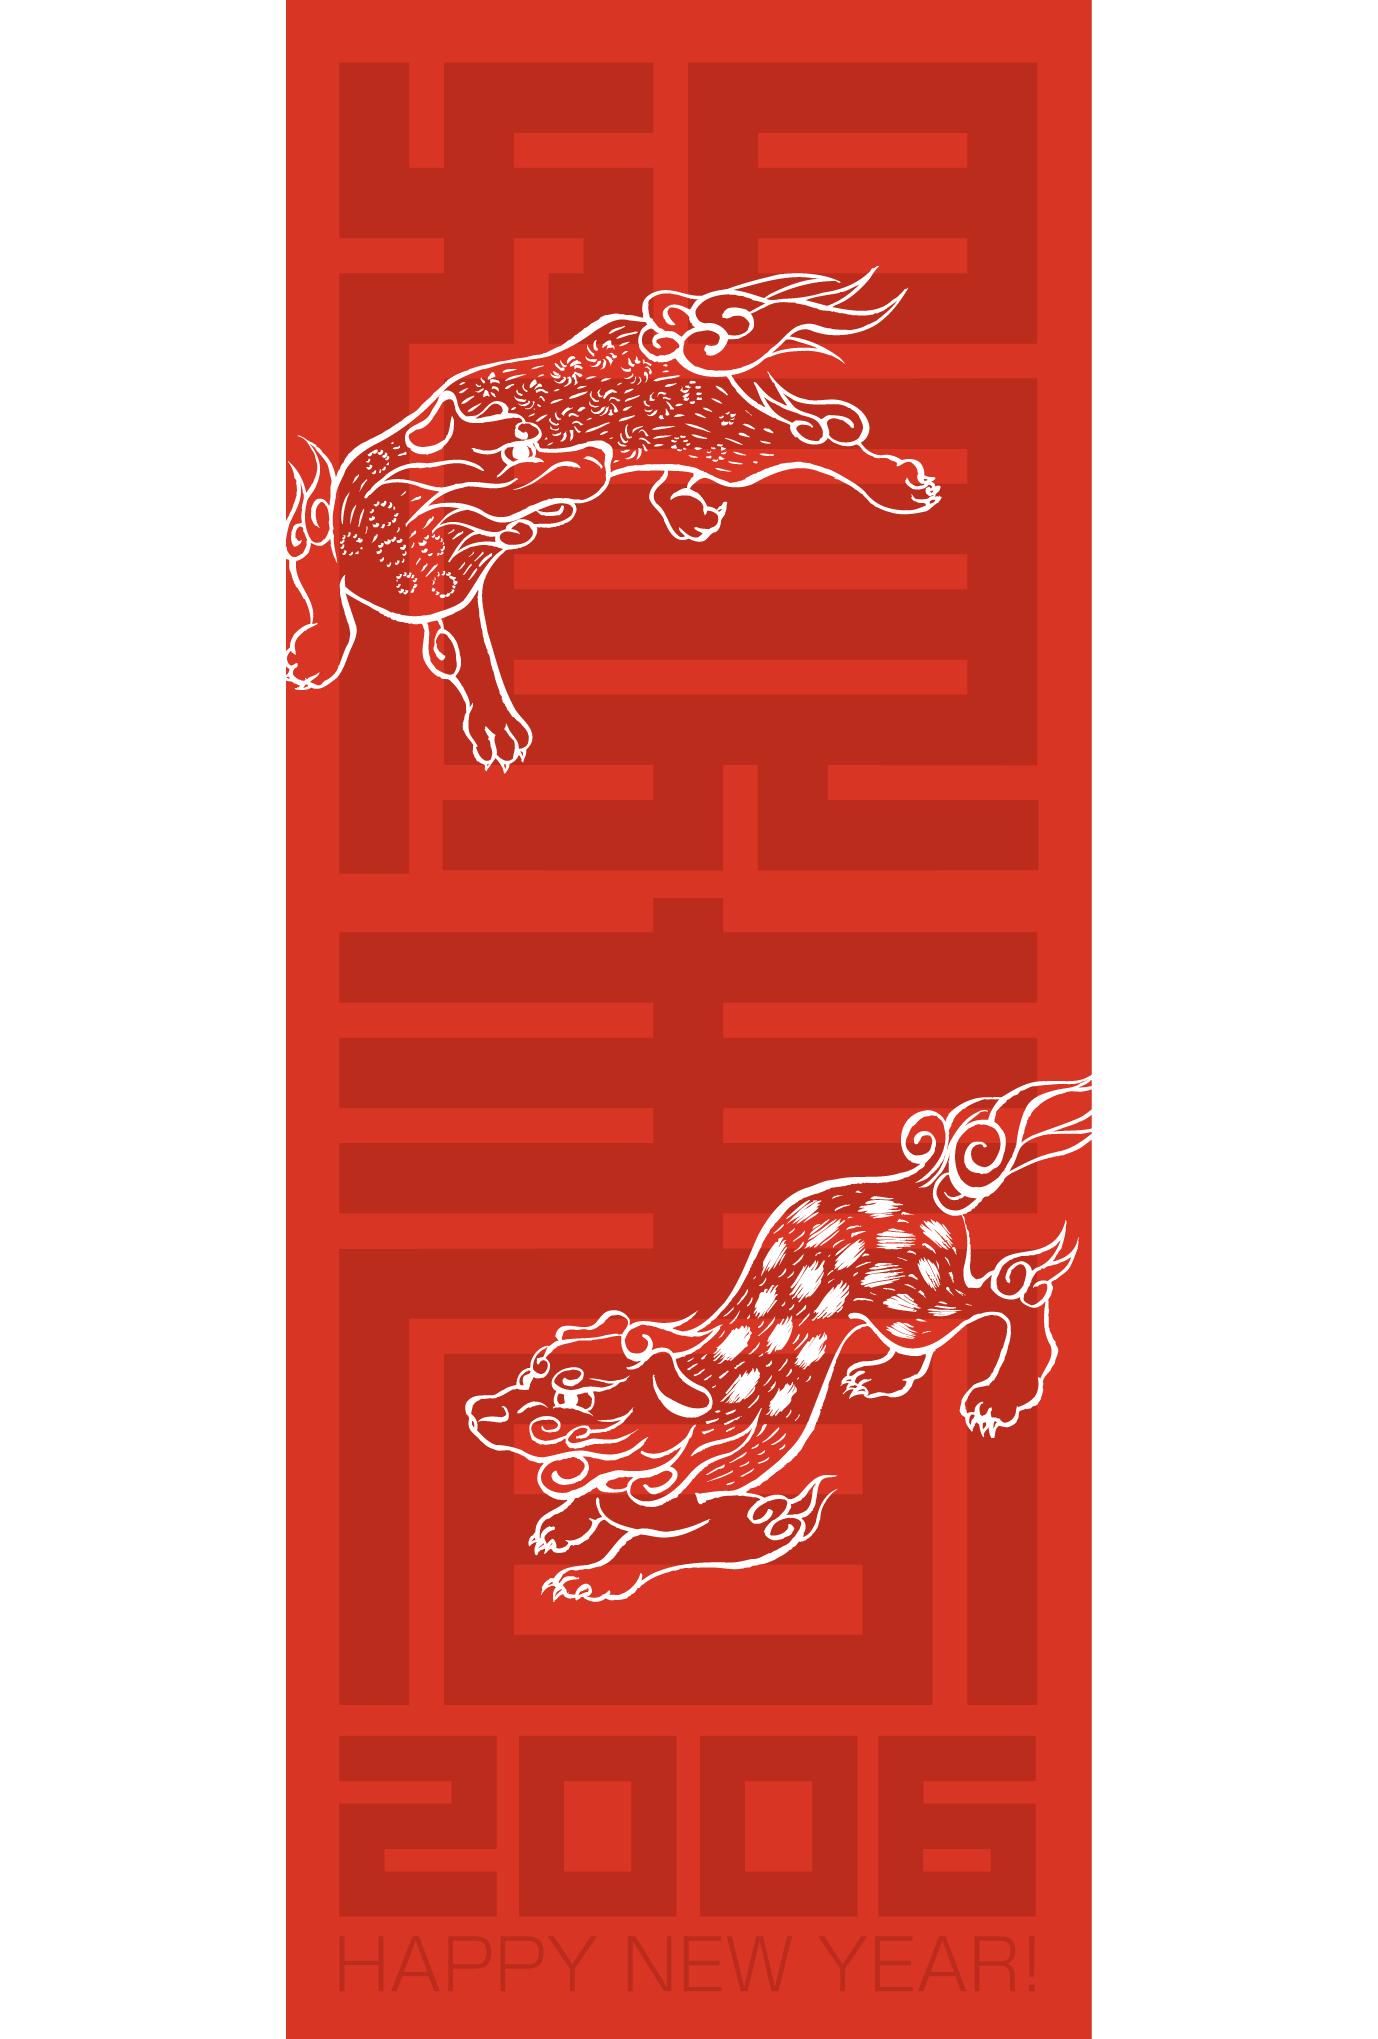 2006年賀状11:帯狛犬 / 1のダウンロード画像